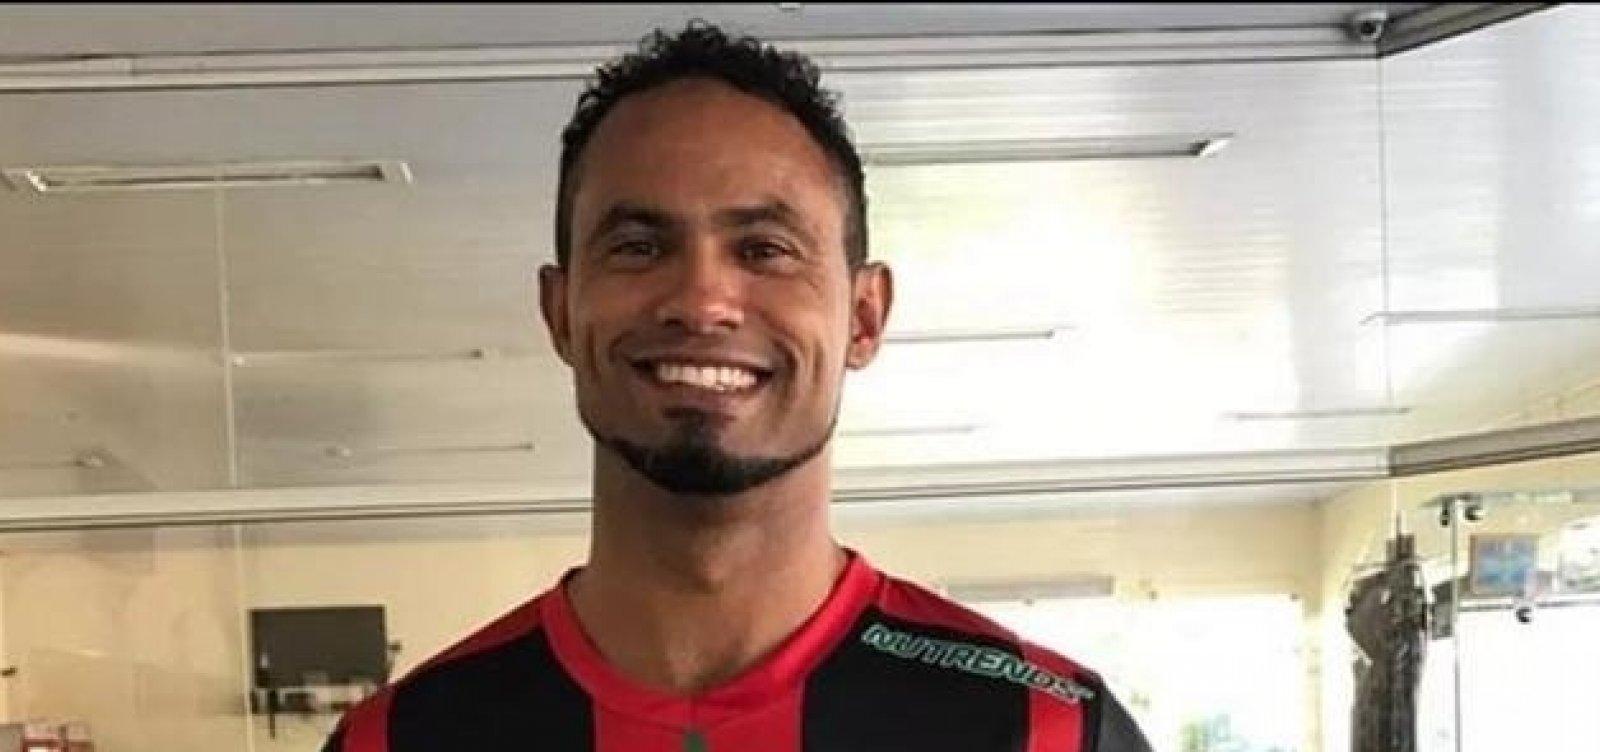 [Justiça cancela benefício de goleiro Bruno após vídeo em bar]